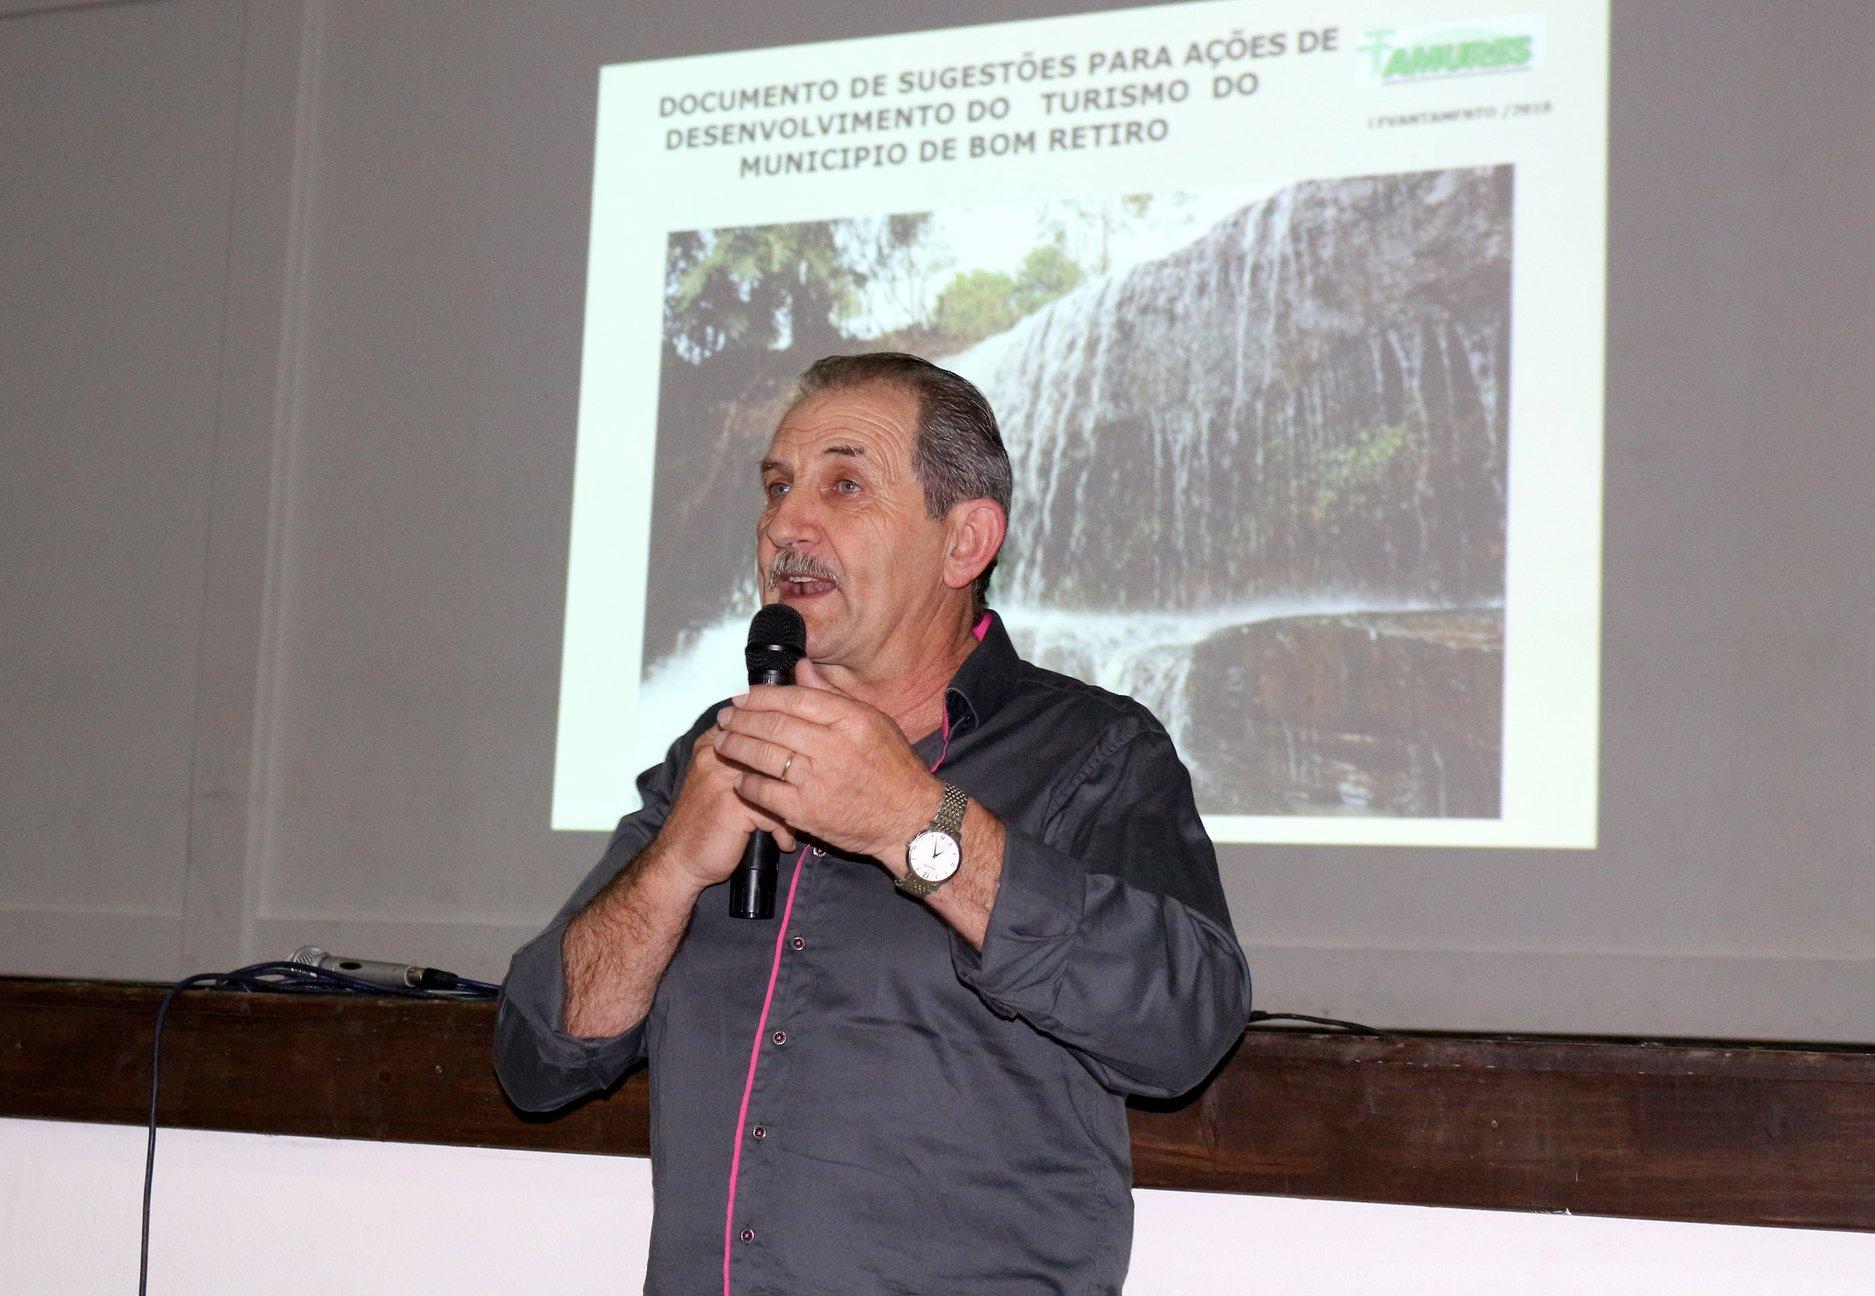 Prefeito de Bom Retiro acredita que mudança de governo vai melhorar situação dos municípios